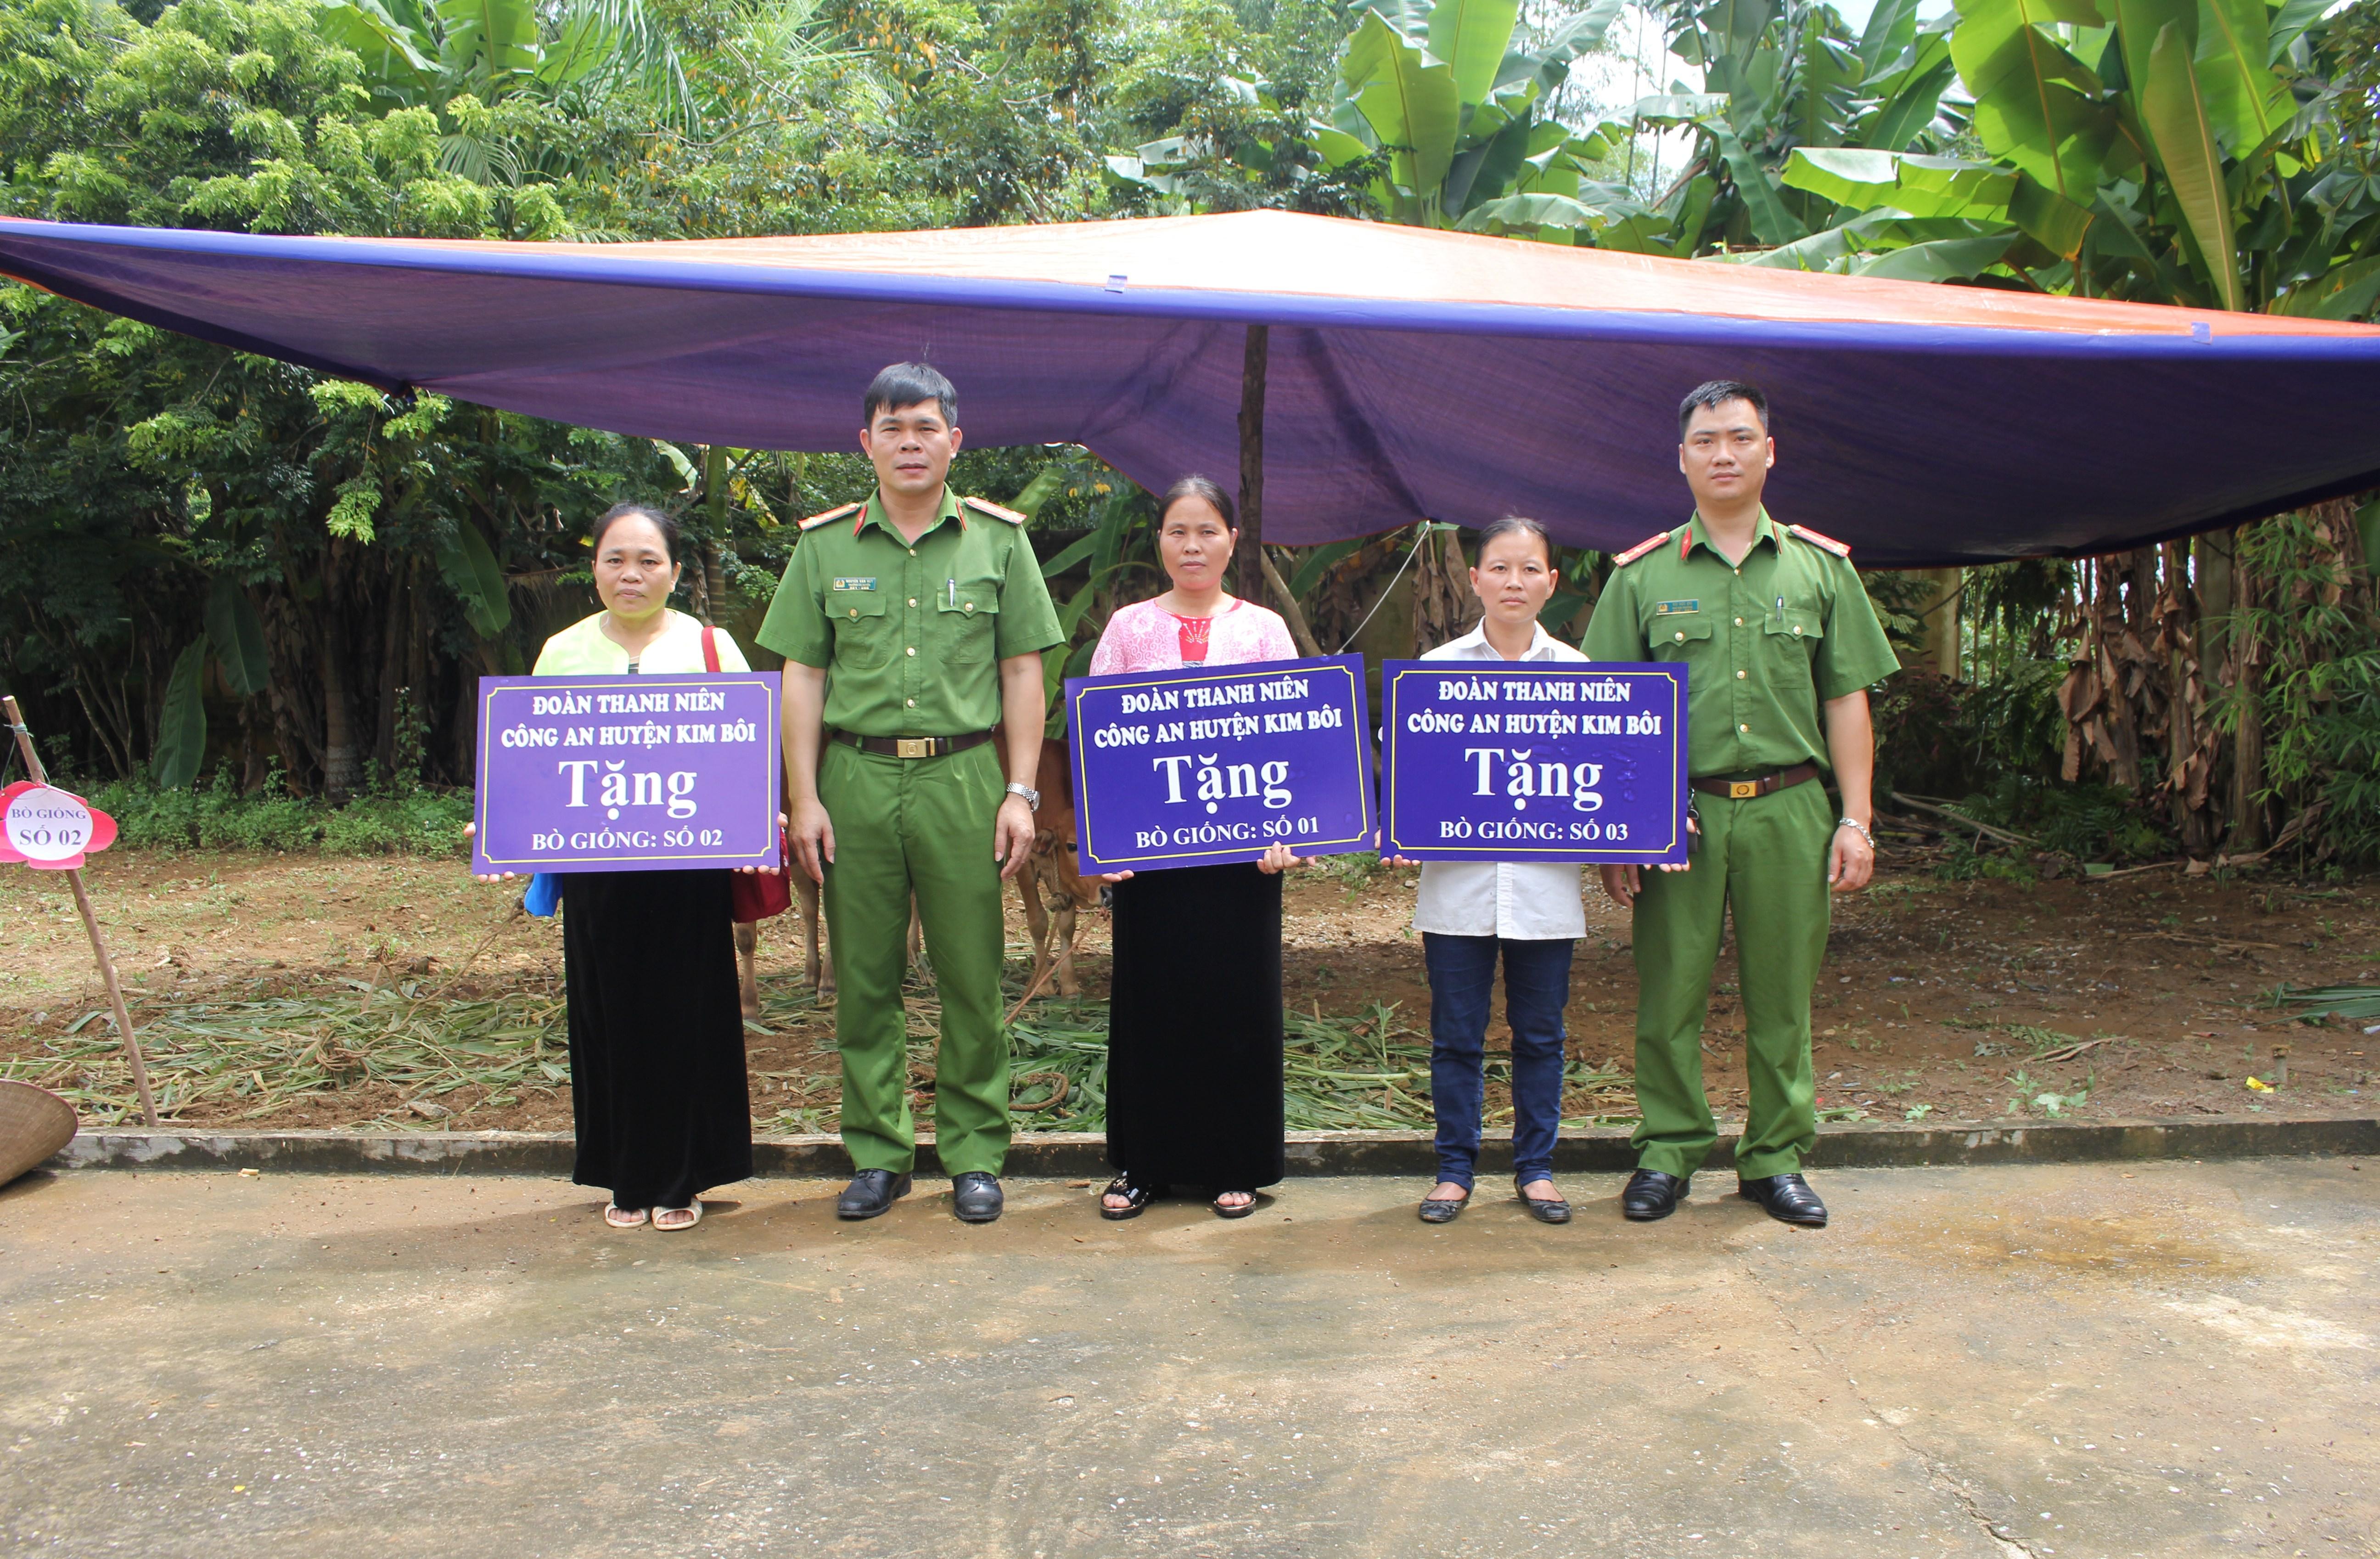 Thượng úy Bùi Đức Chí (ngoài cùng bên phải) trao tặng bò giống của Đoàn Thanh niên Công an huyện Kim Bôi cho các hộ đặc biệt khó khăn.